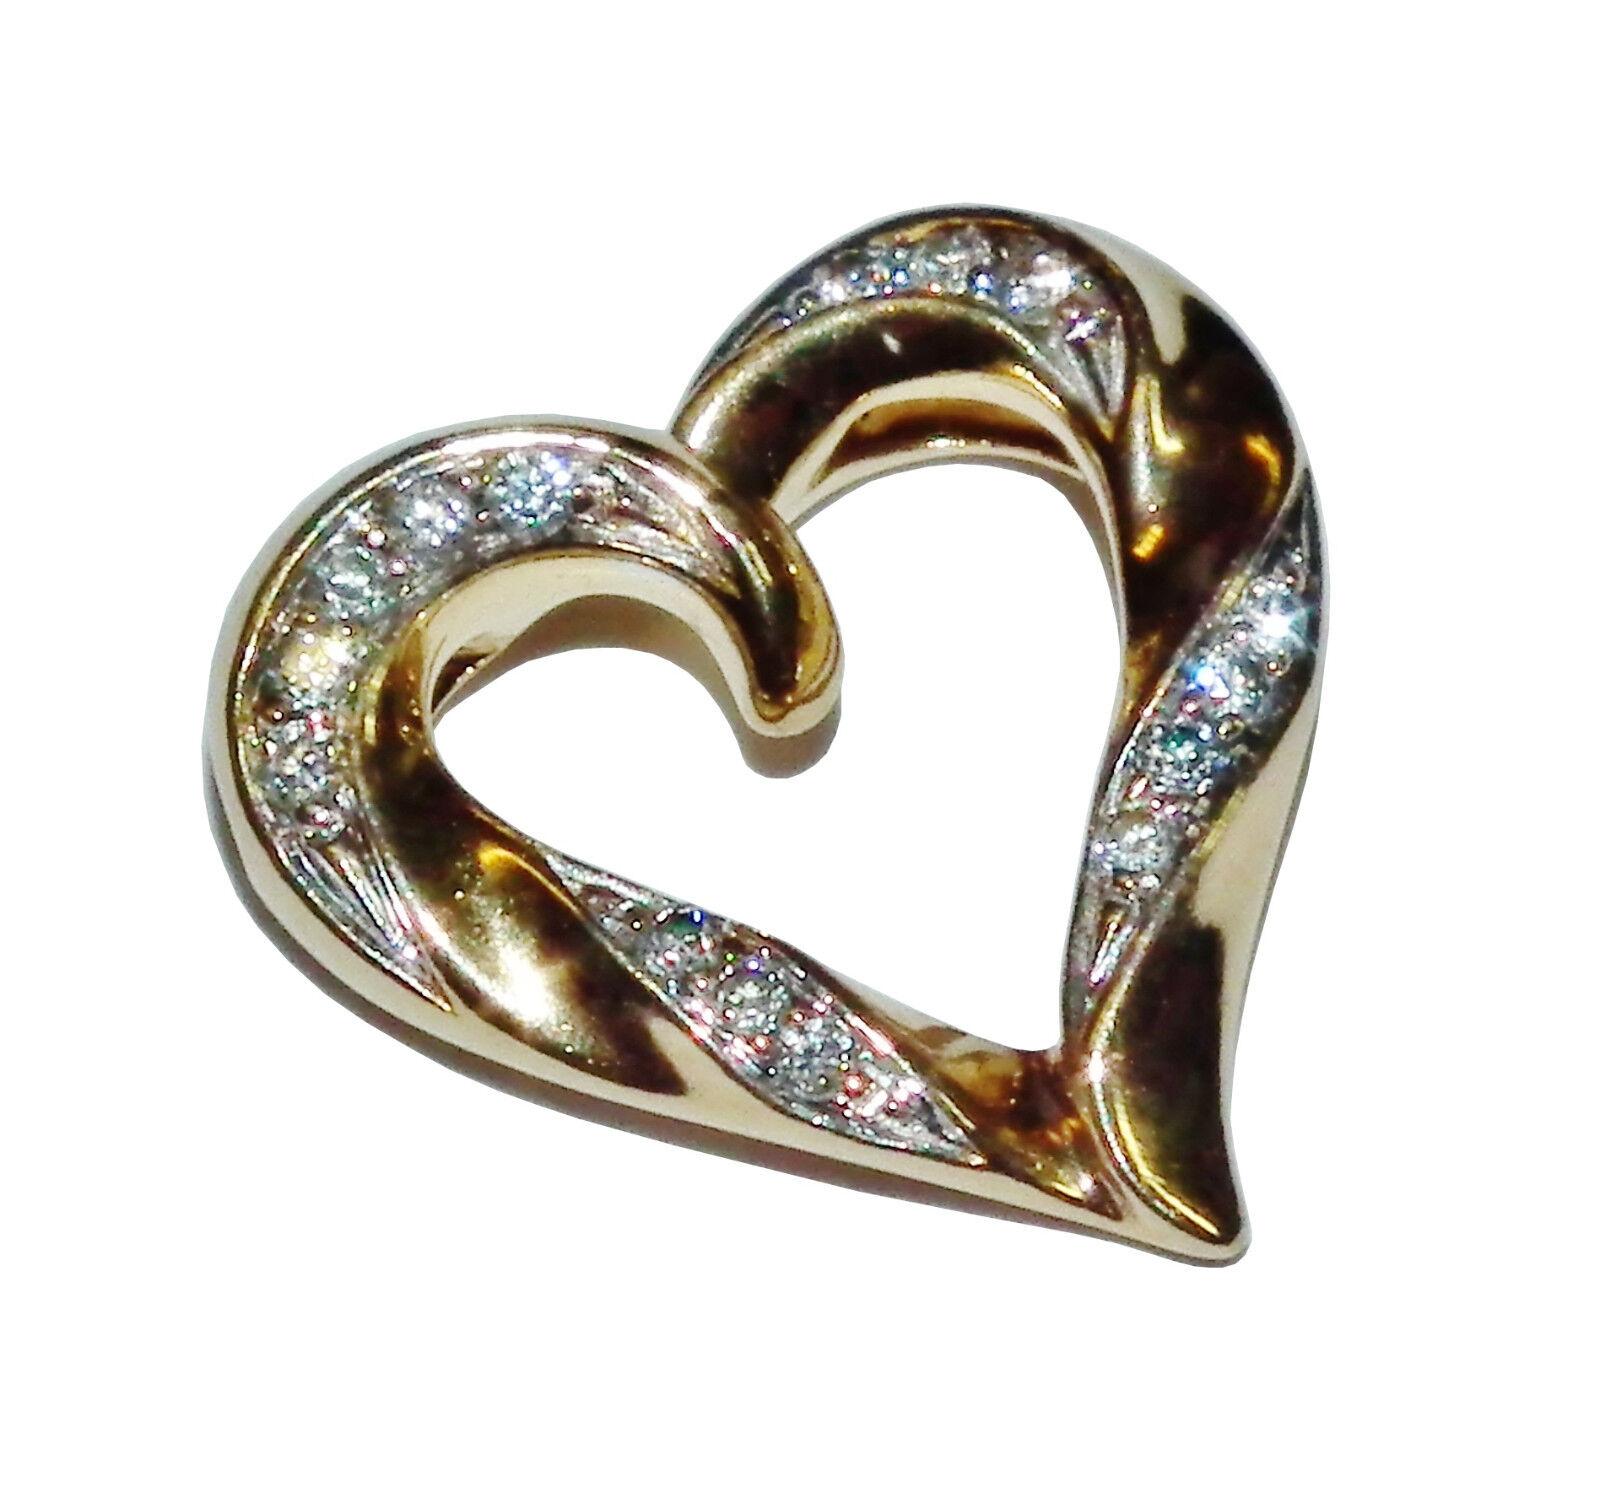 Fully Hallmarked 9ct Yellow gold & Diamond Heart Pendant